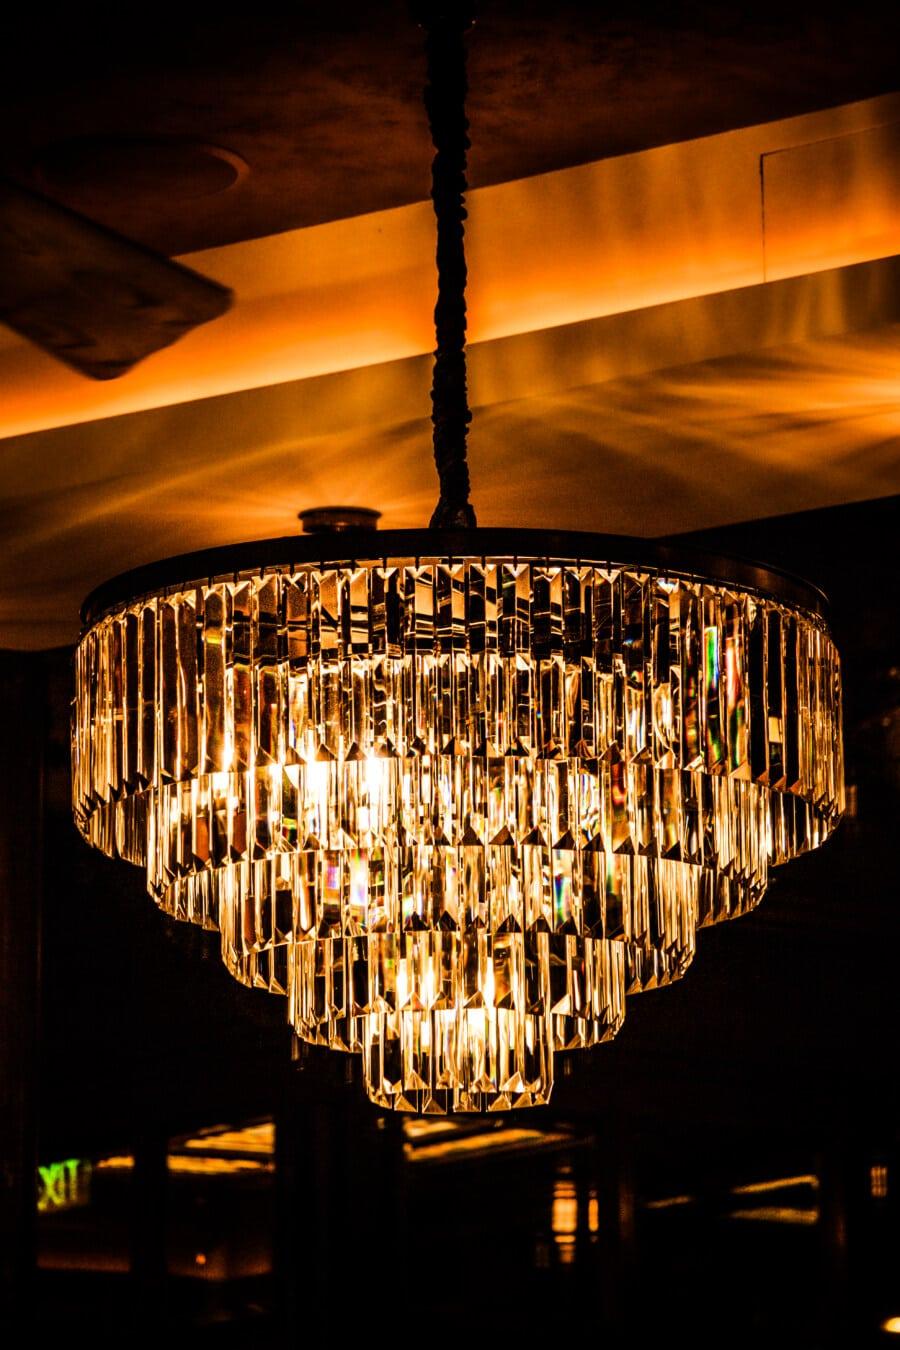 goldener Glanz, Luxus, Kronleuchter, Hotel, Innendekoration, glänzend, Lust auf, Licht, Reflexion, Dunkel